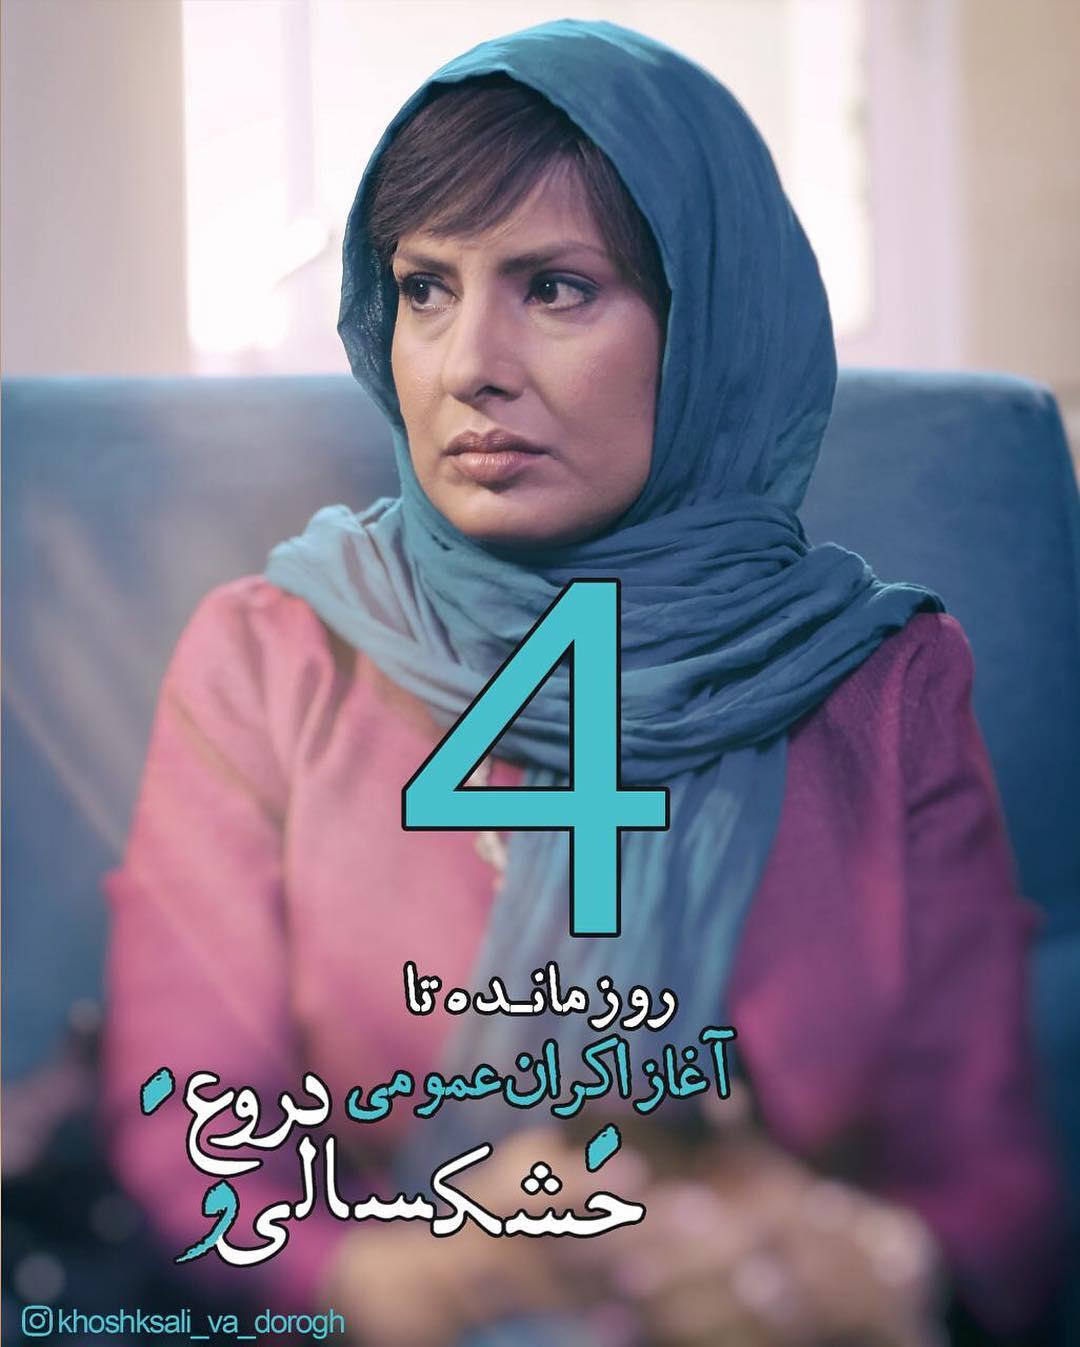 آیدا کیخایی در پوستر فیلم سینمایی خشکسالی و دروغ